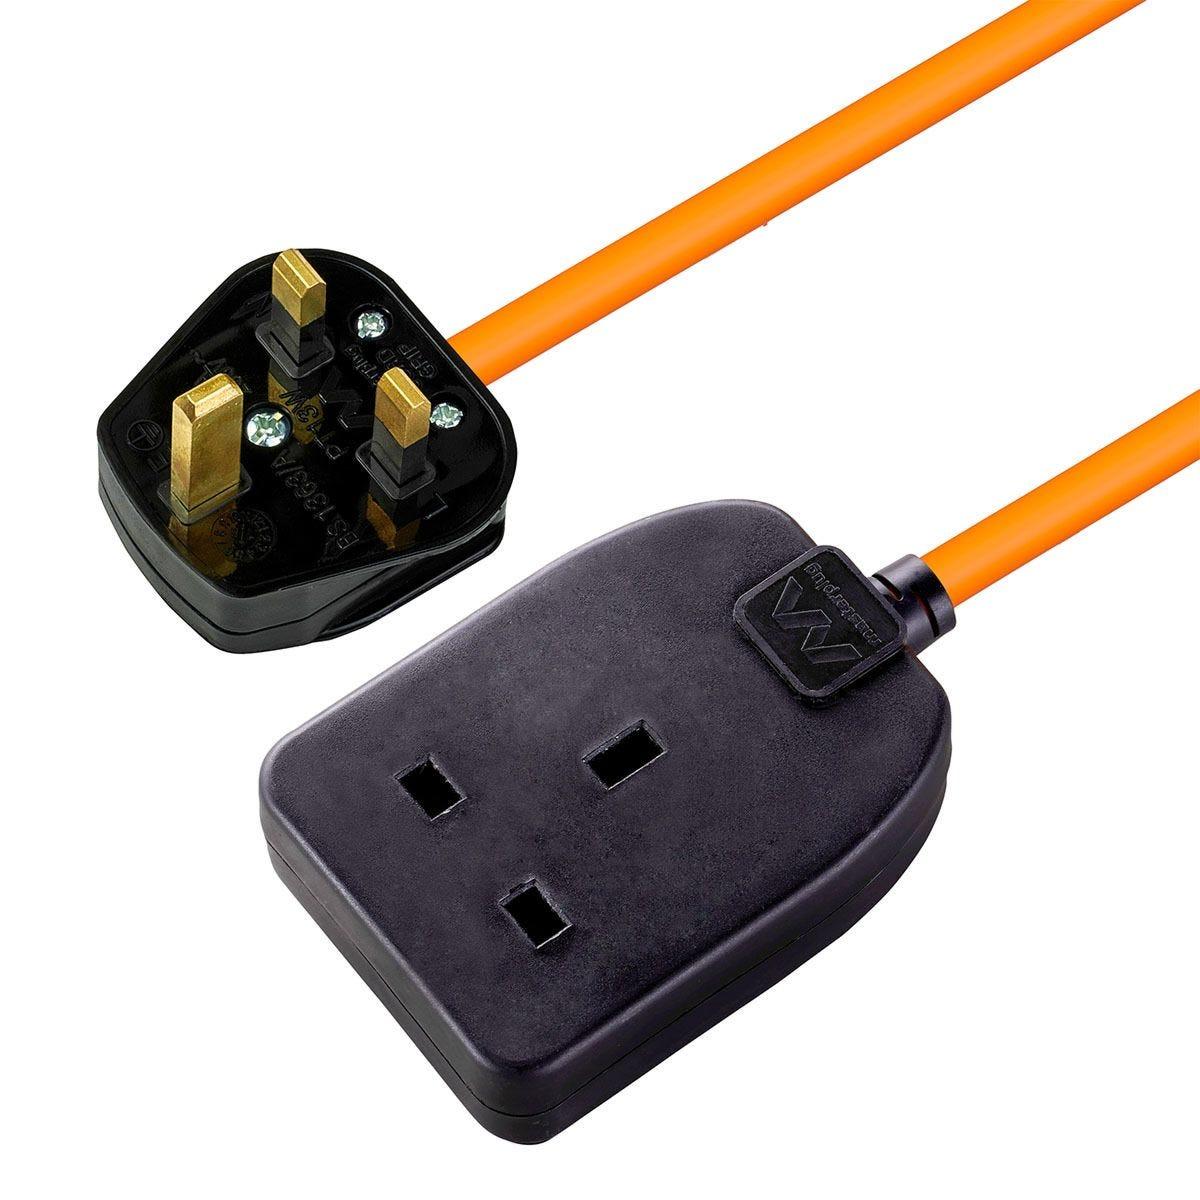 Masterplug 1 Socket 10m Extension Lead - Orange & Black